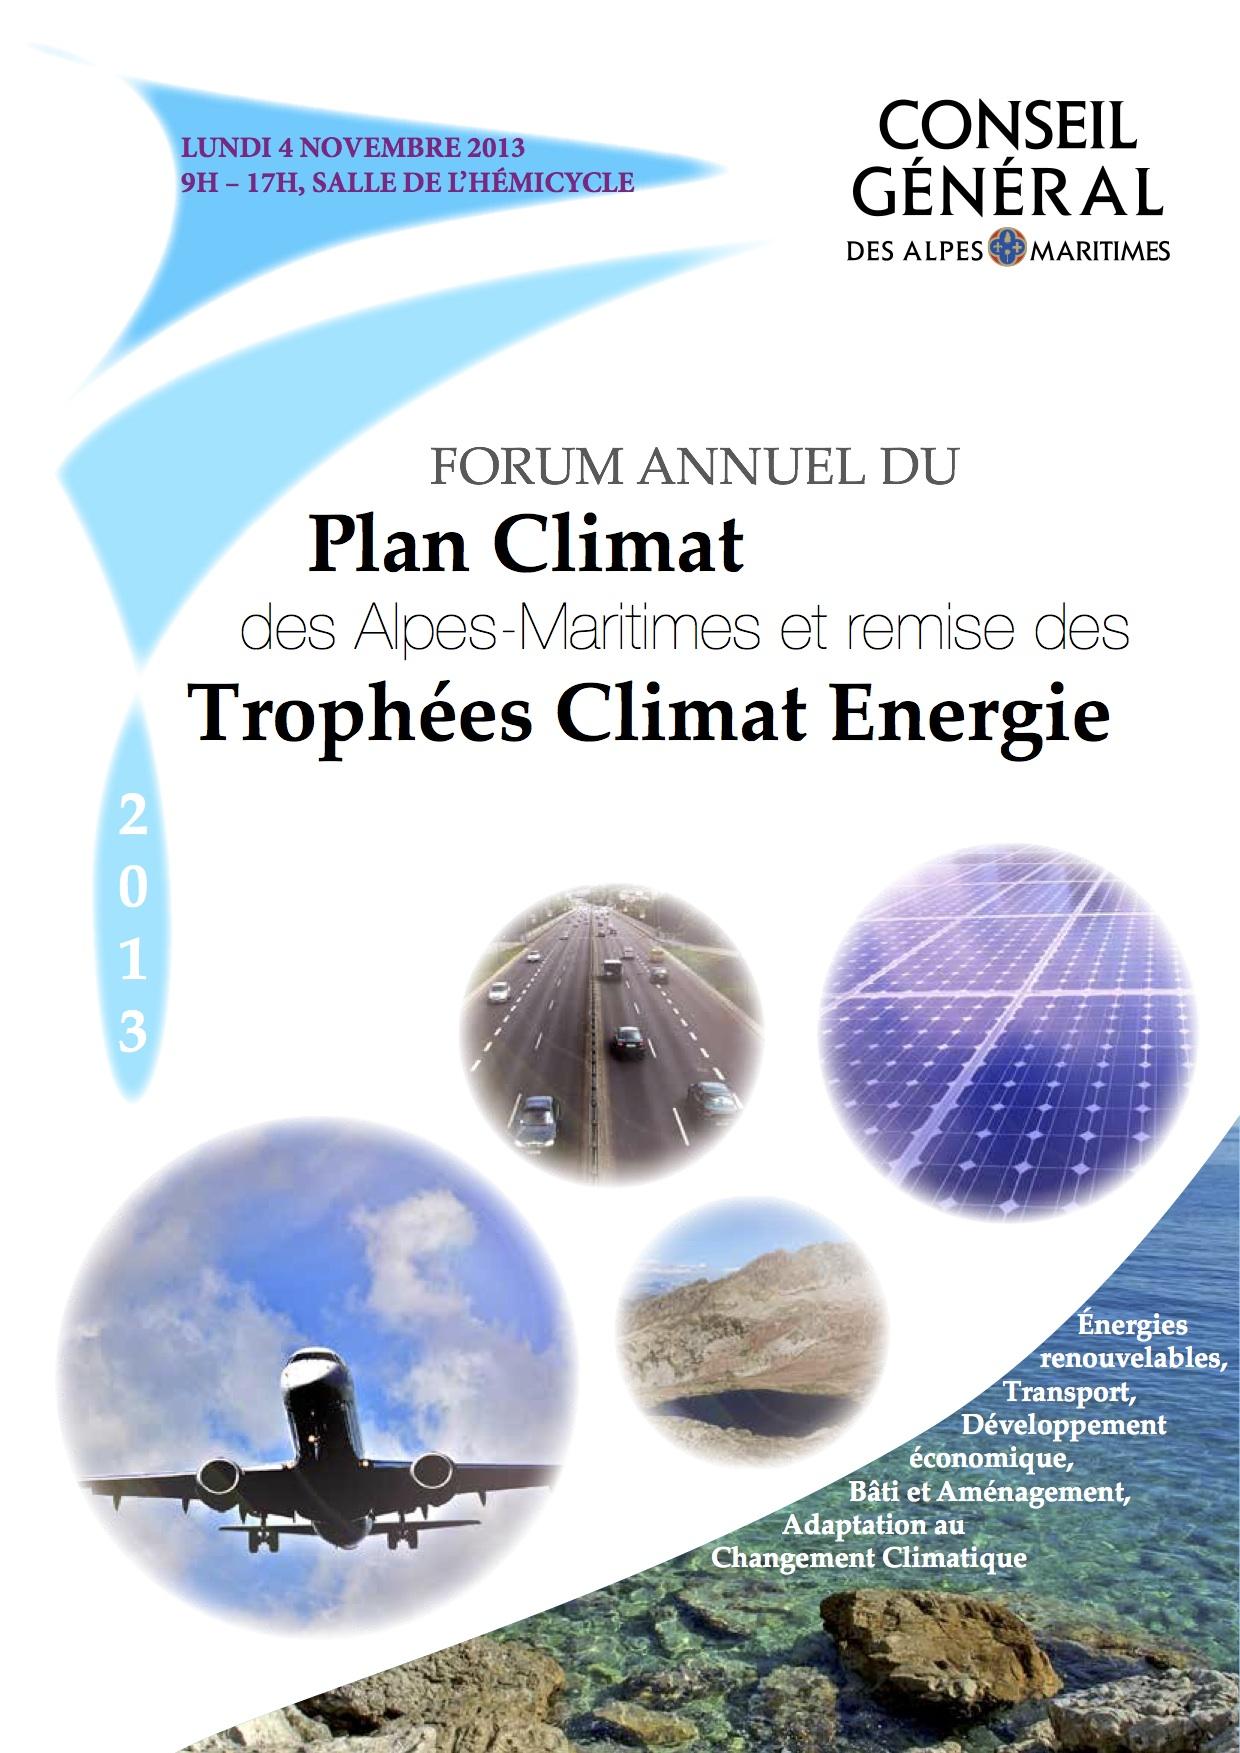 Couverture du programme du forum annuel du Plan Climat des Alpes Maritimes réalisé lors d'un stage au cabinet du Président, juillet 2013.